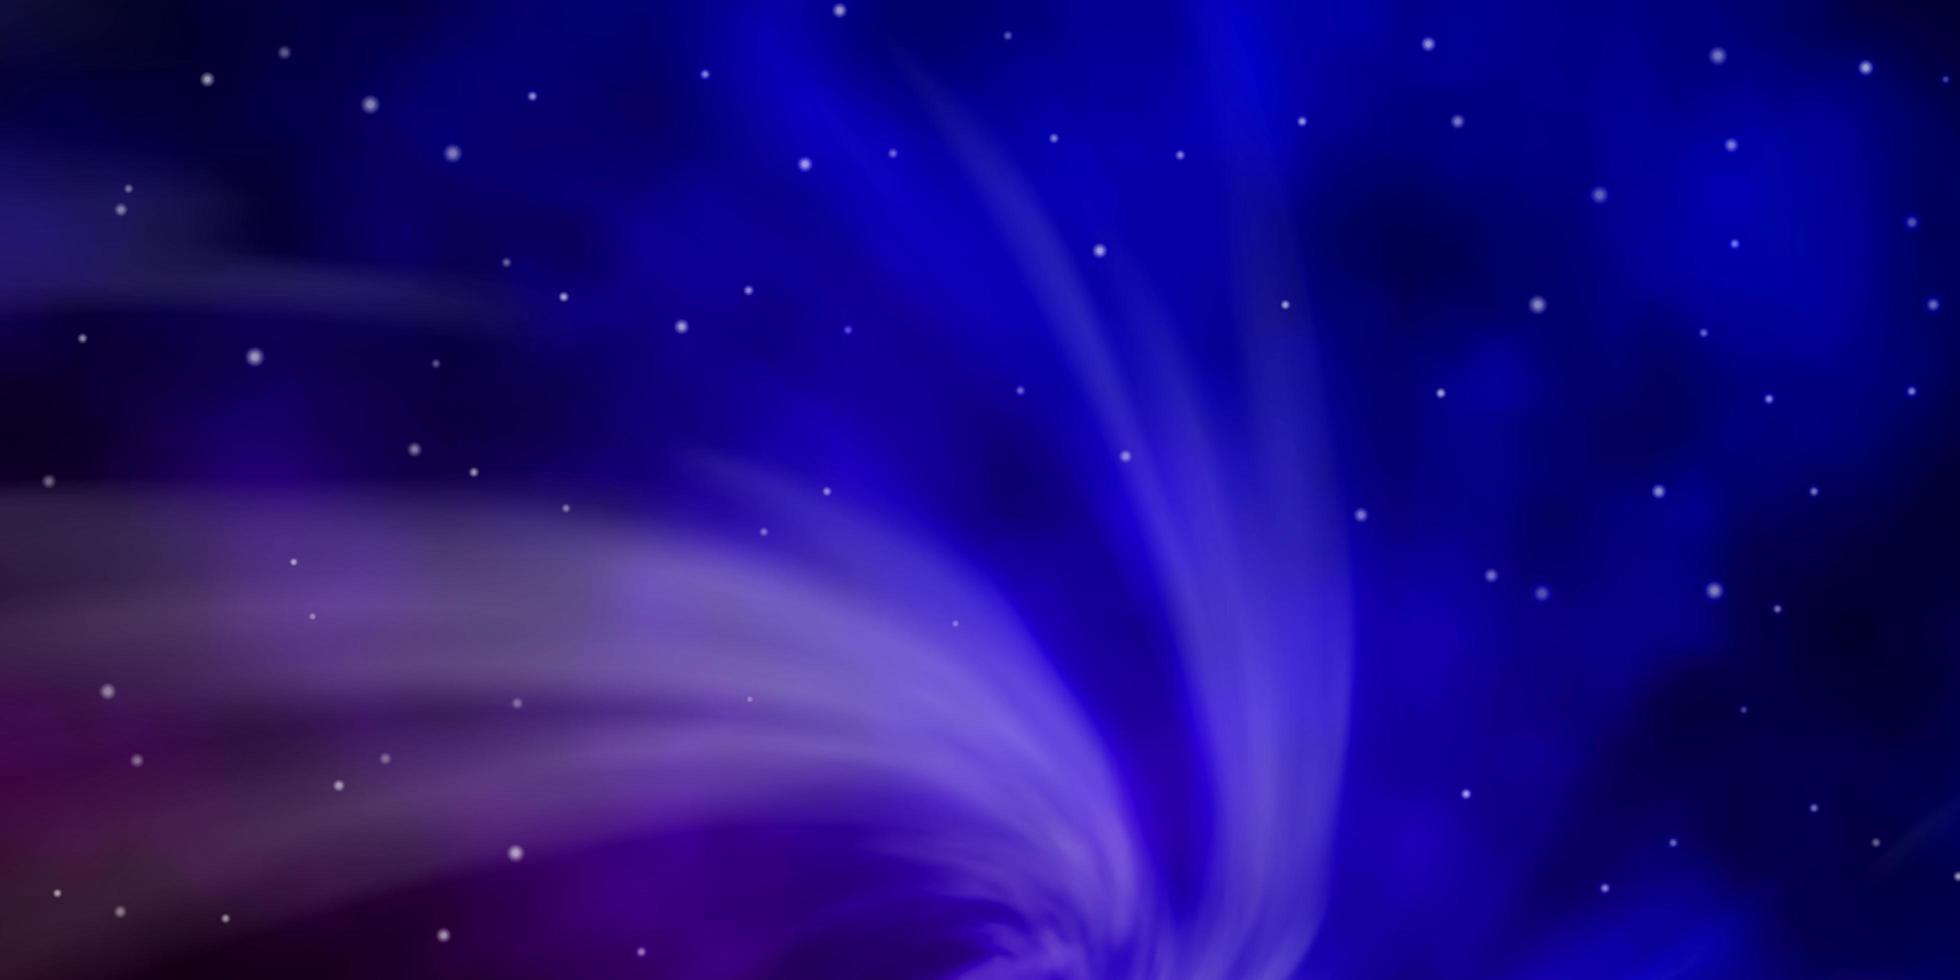 patrón azul oscuro y rojo con estrellas abstractas. vector